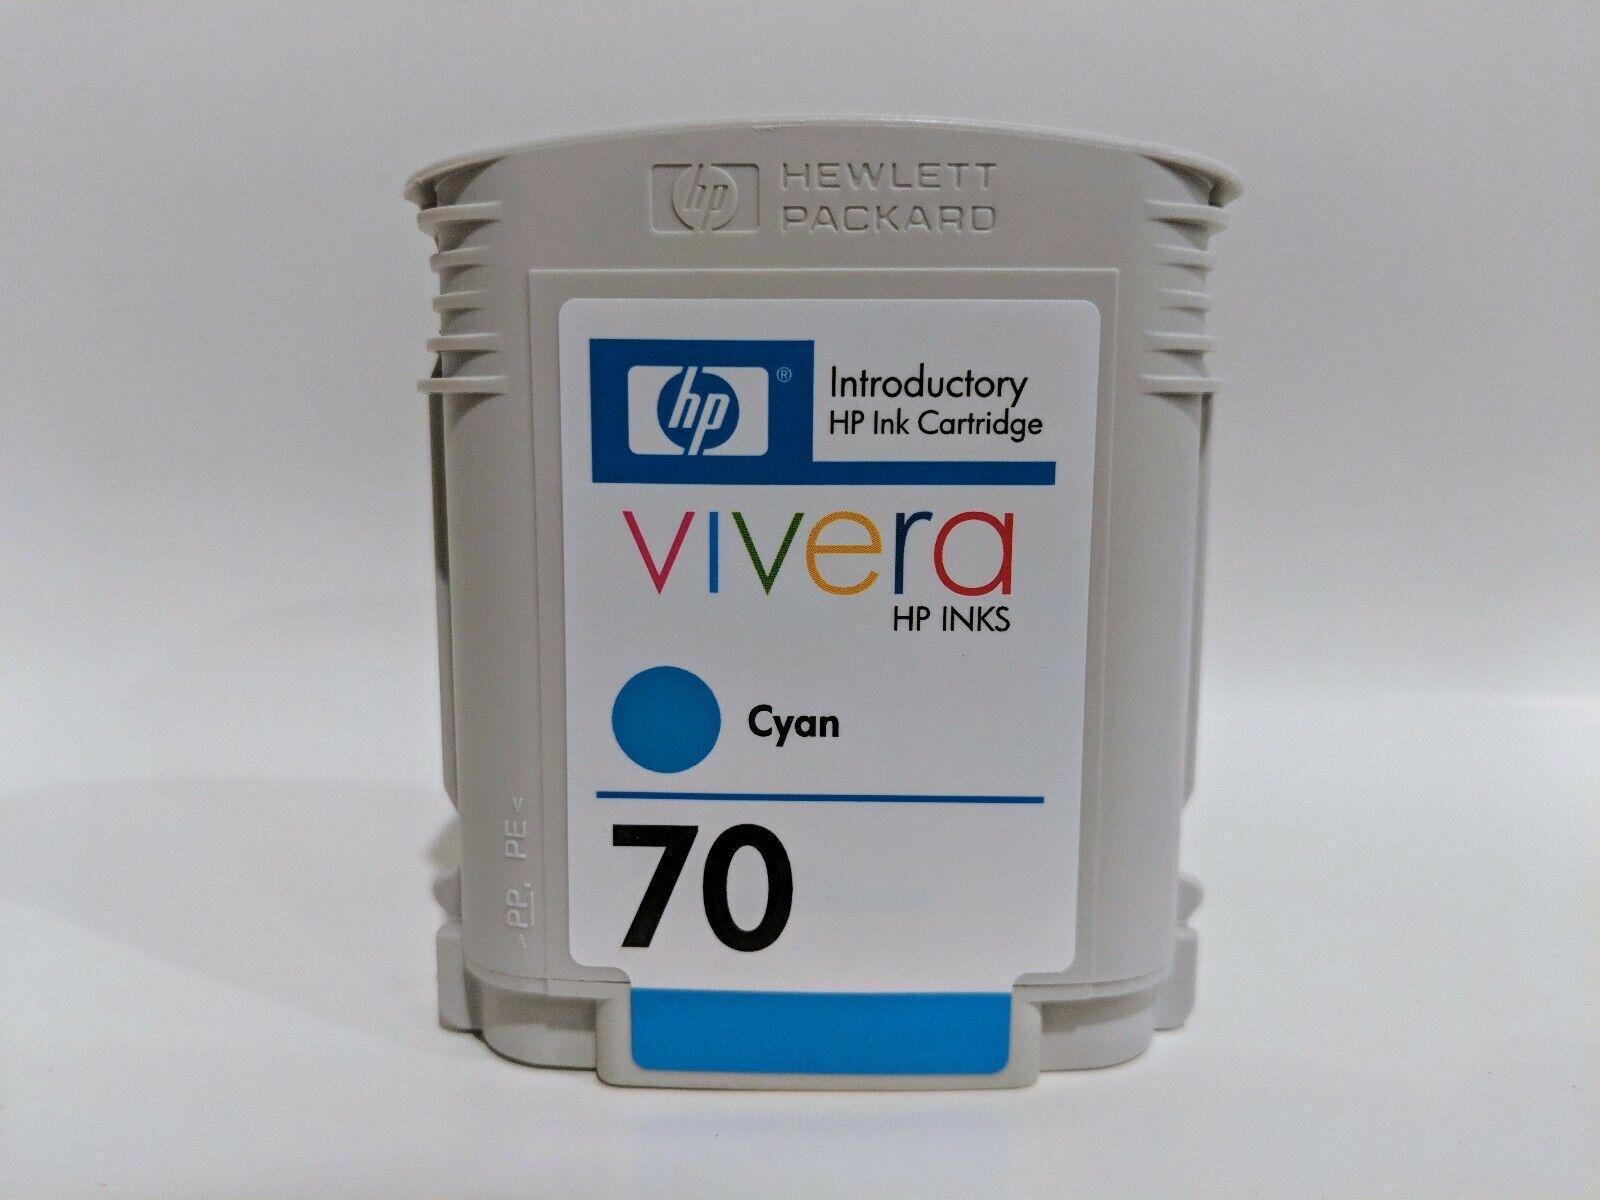 HP 70 Ink Cartridge - Cyan 69ml - $15.00